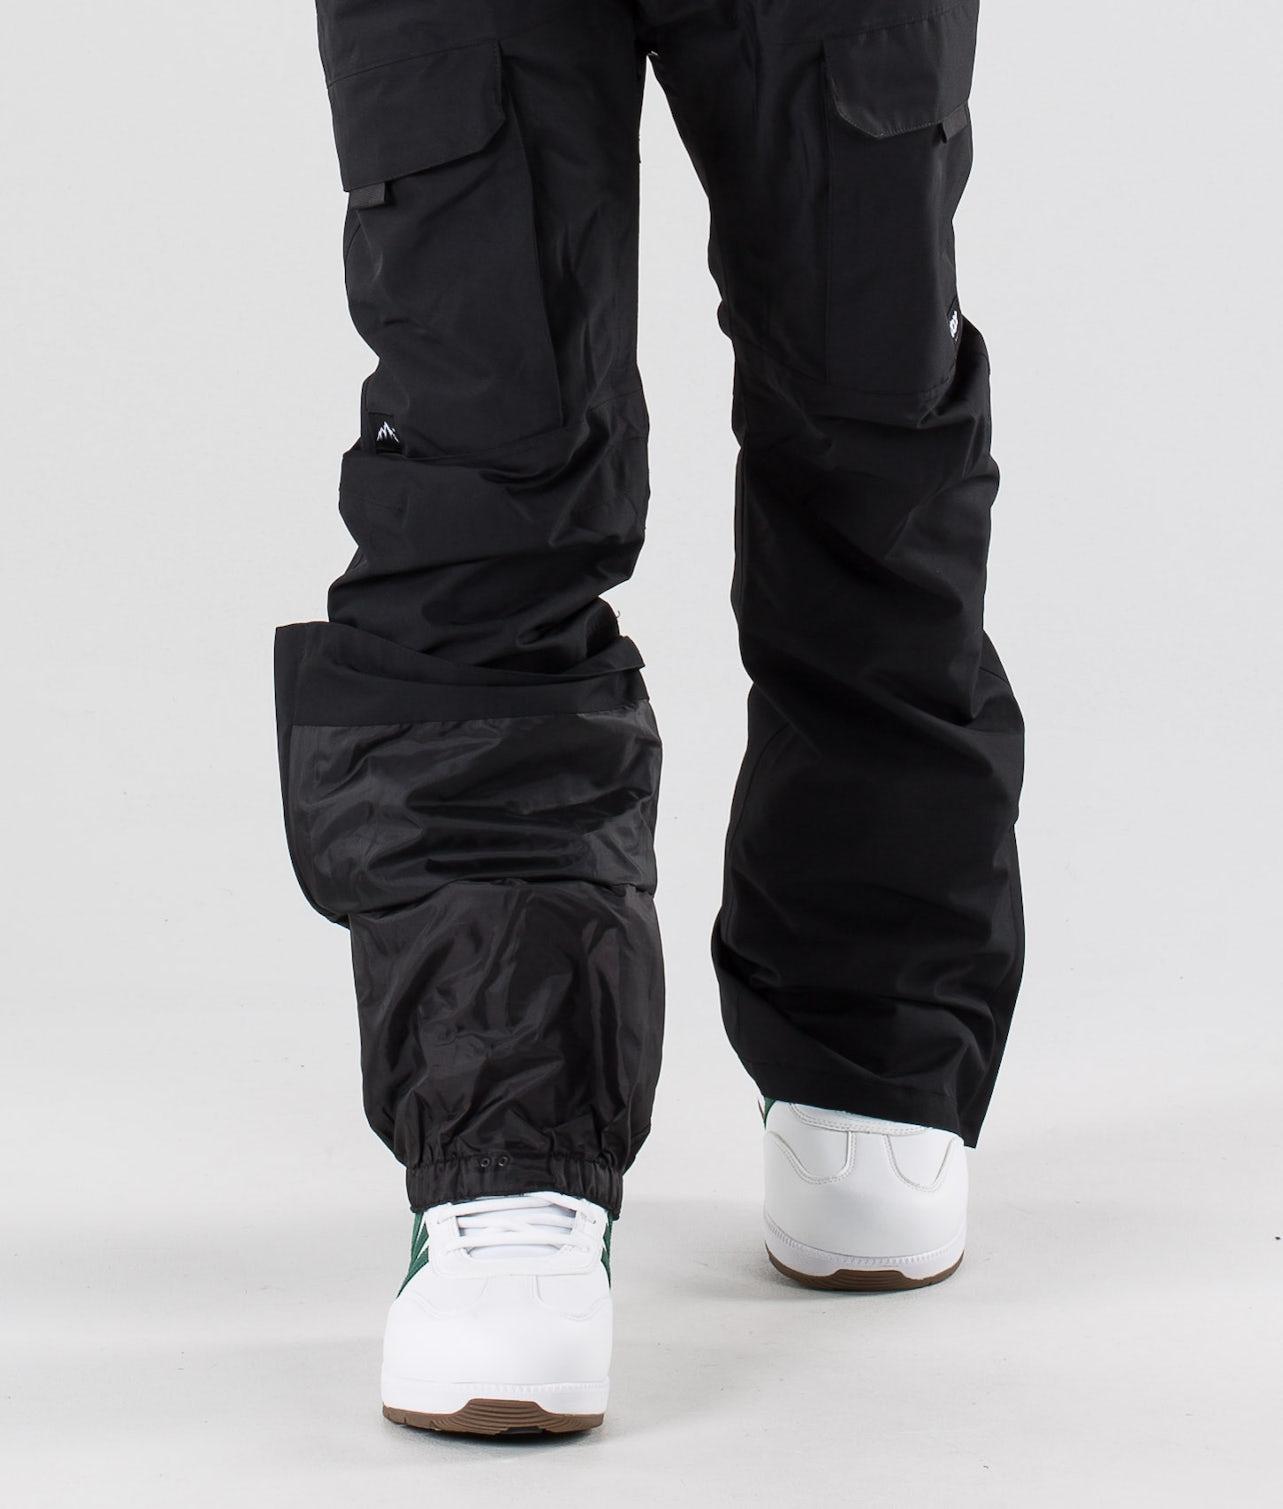 Kjøp Poise Snowboardbukse fra Dope på Ridestore.no - Hos oss har du alltid fri frakt, fri retur og 30 dagers åpent kjøp!